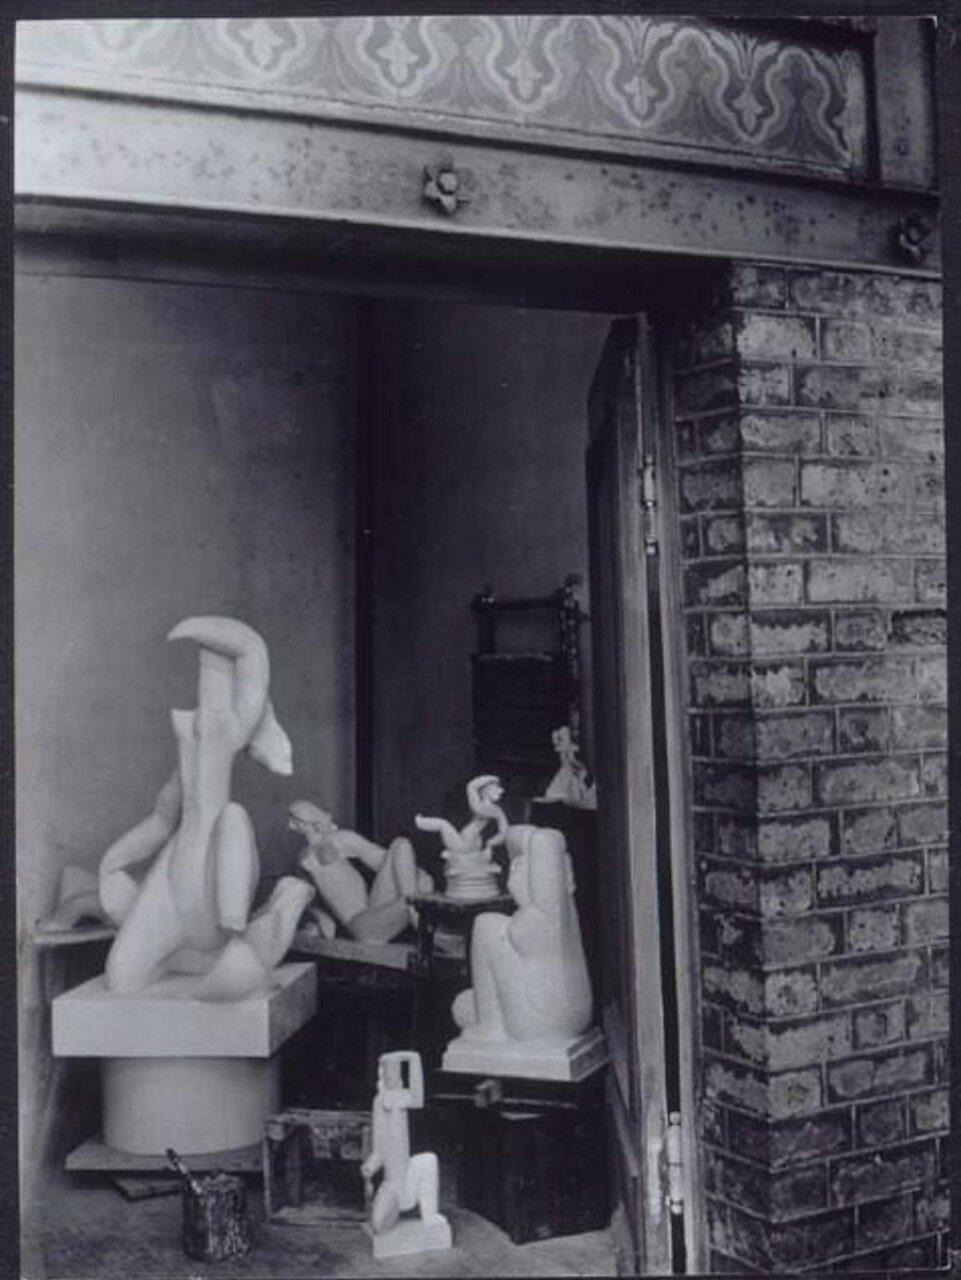 1932. Мастерская Анри Лорана на вилле Брюн в Париже